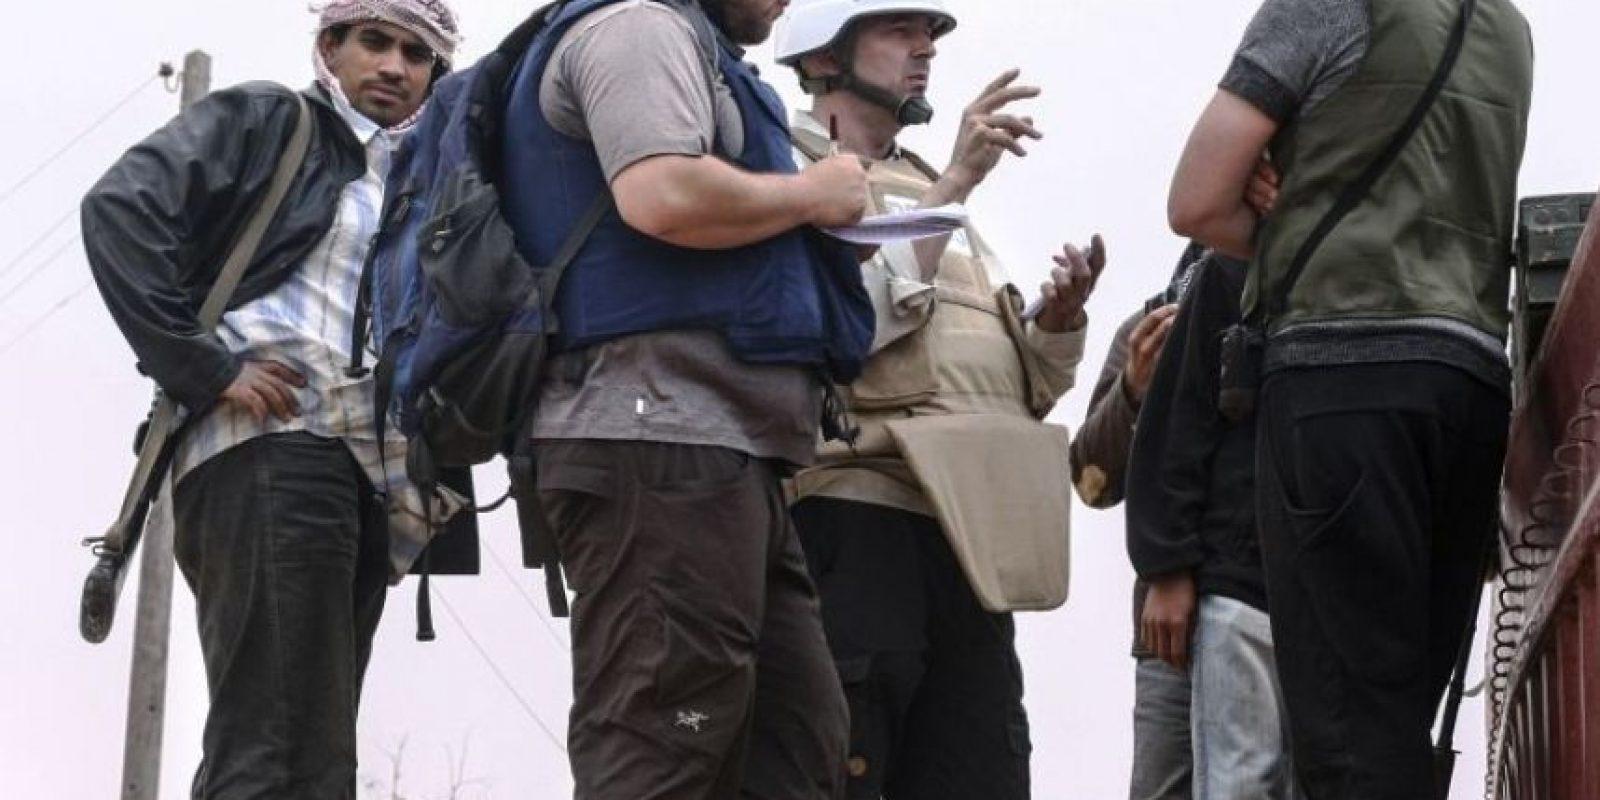 4. Otras ejecuciones en video: Posterior a la ejecución de James Foley, continuaron otros periodistas y trabajadores humanitarios como Steven Sotfloff, David Haines, Alan Henning, Peter Kassig, así como personas acusadas de ser cristianos, traidores o grupos minoritarios, como los homosexuales. Foto: Getty Images